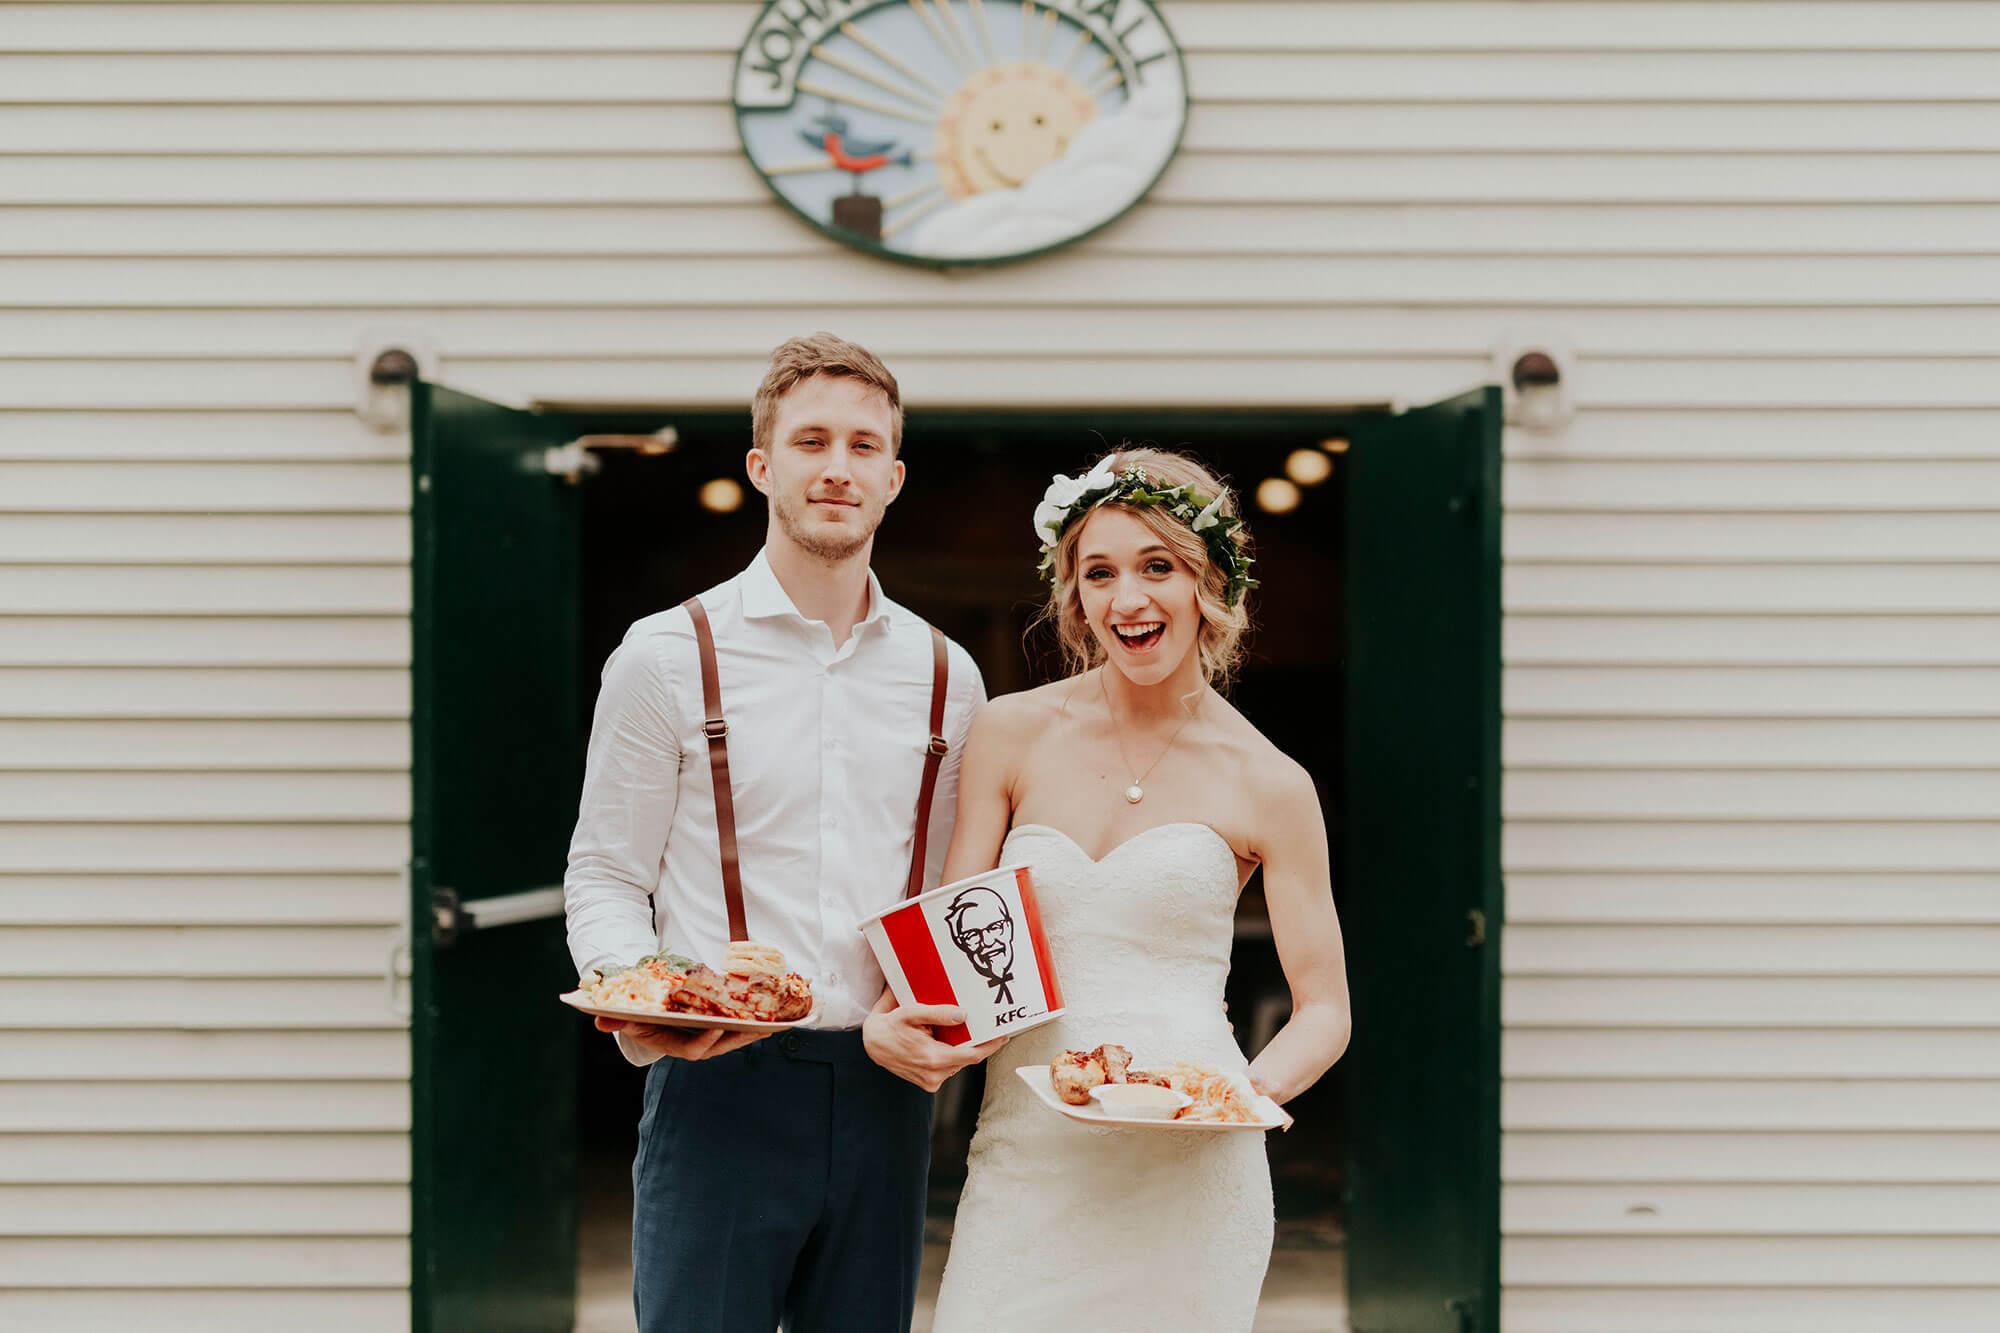 KFC Avustralya Evlenmek İsteyen Çiftleri KFC Temalı Düğünlerle Evlendirecek